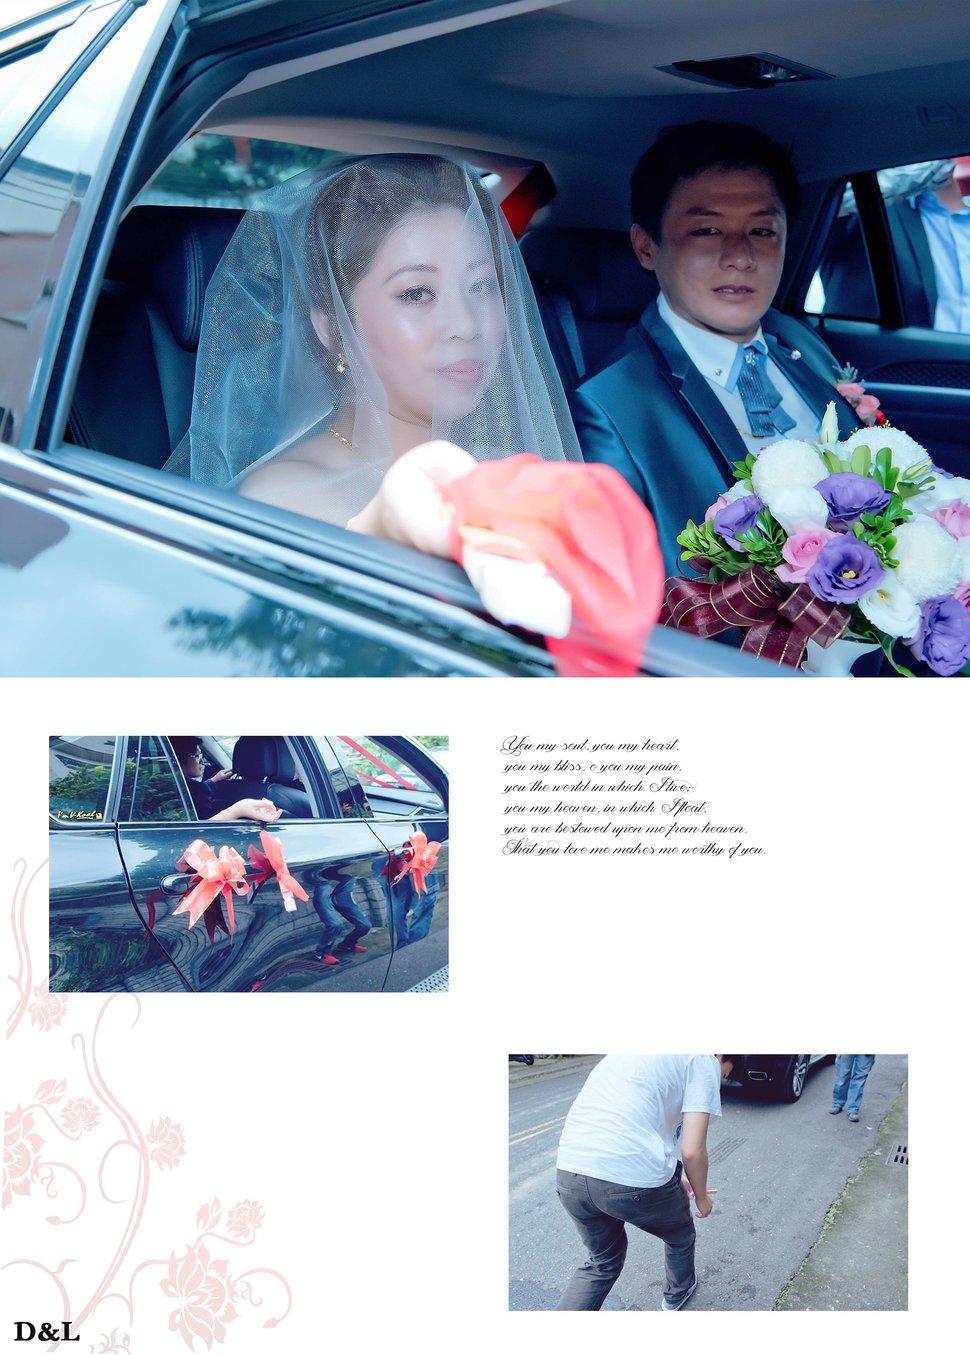 雲林婚攝 婚禮紀錄 敬添&綉芬 喜洋洋宴會廳雲林(編號:253242) - D&L 婚禮事務-婚紗攝影/婚禮記錄 - 結婚吧